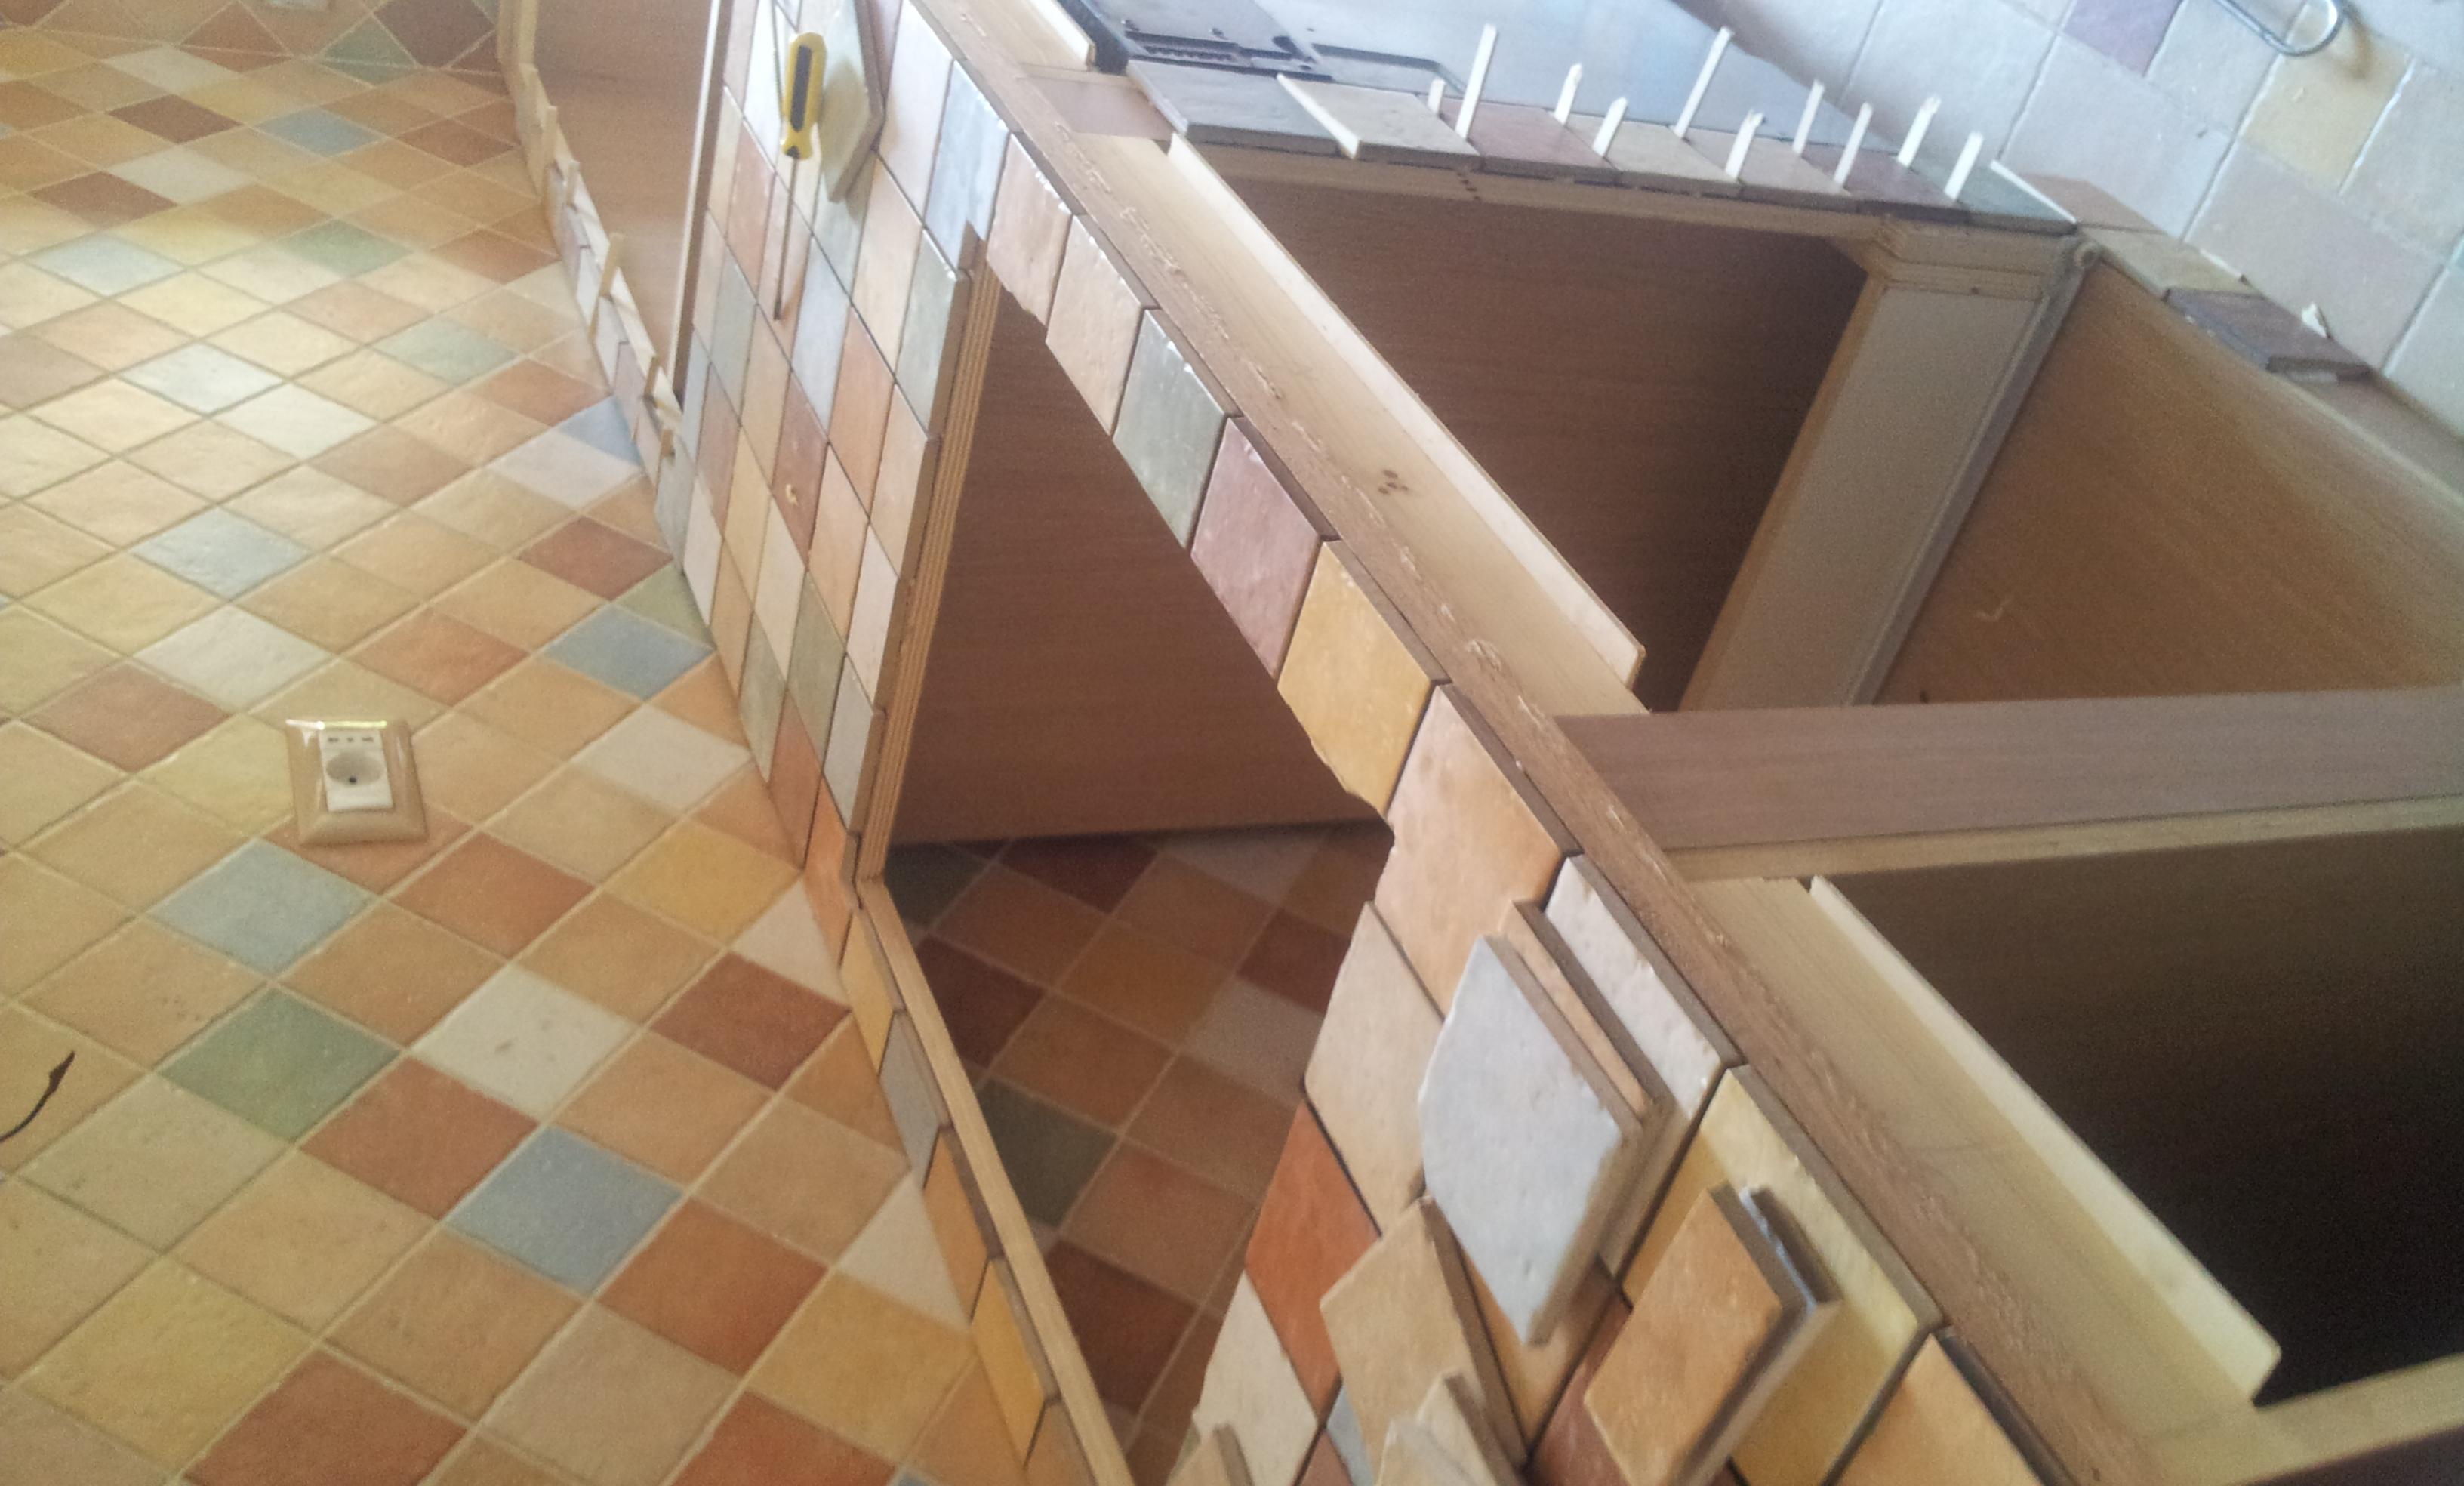 Cucina in costruzione cucina in legno in costruzione - Costruzione cucina ...